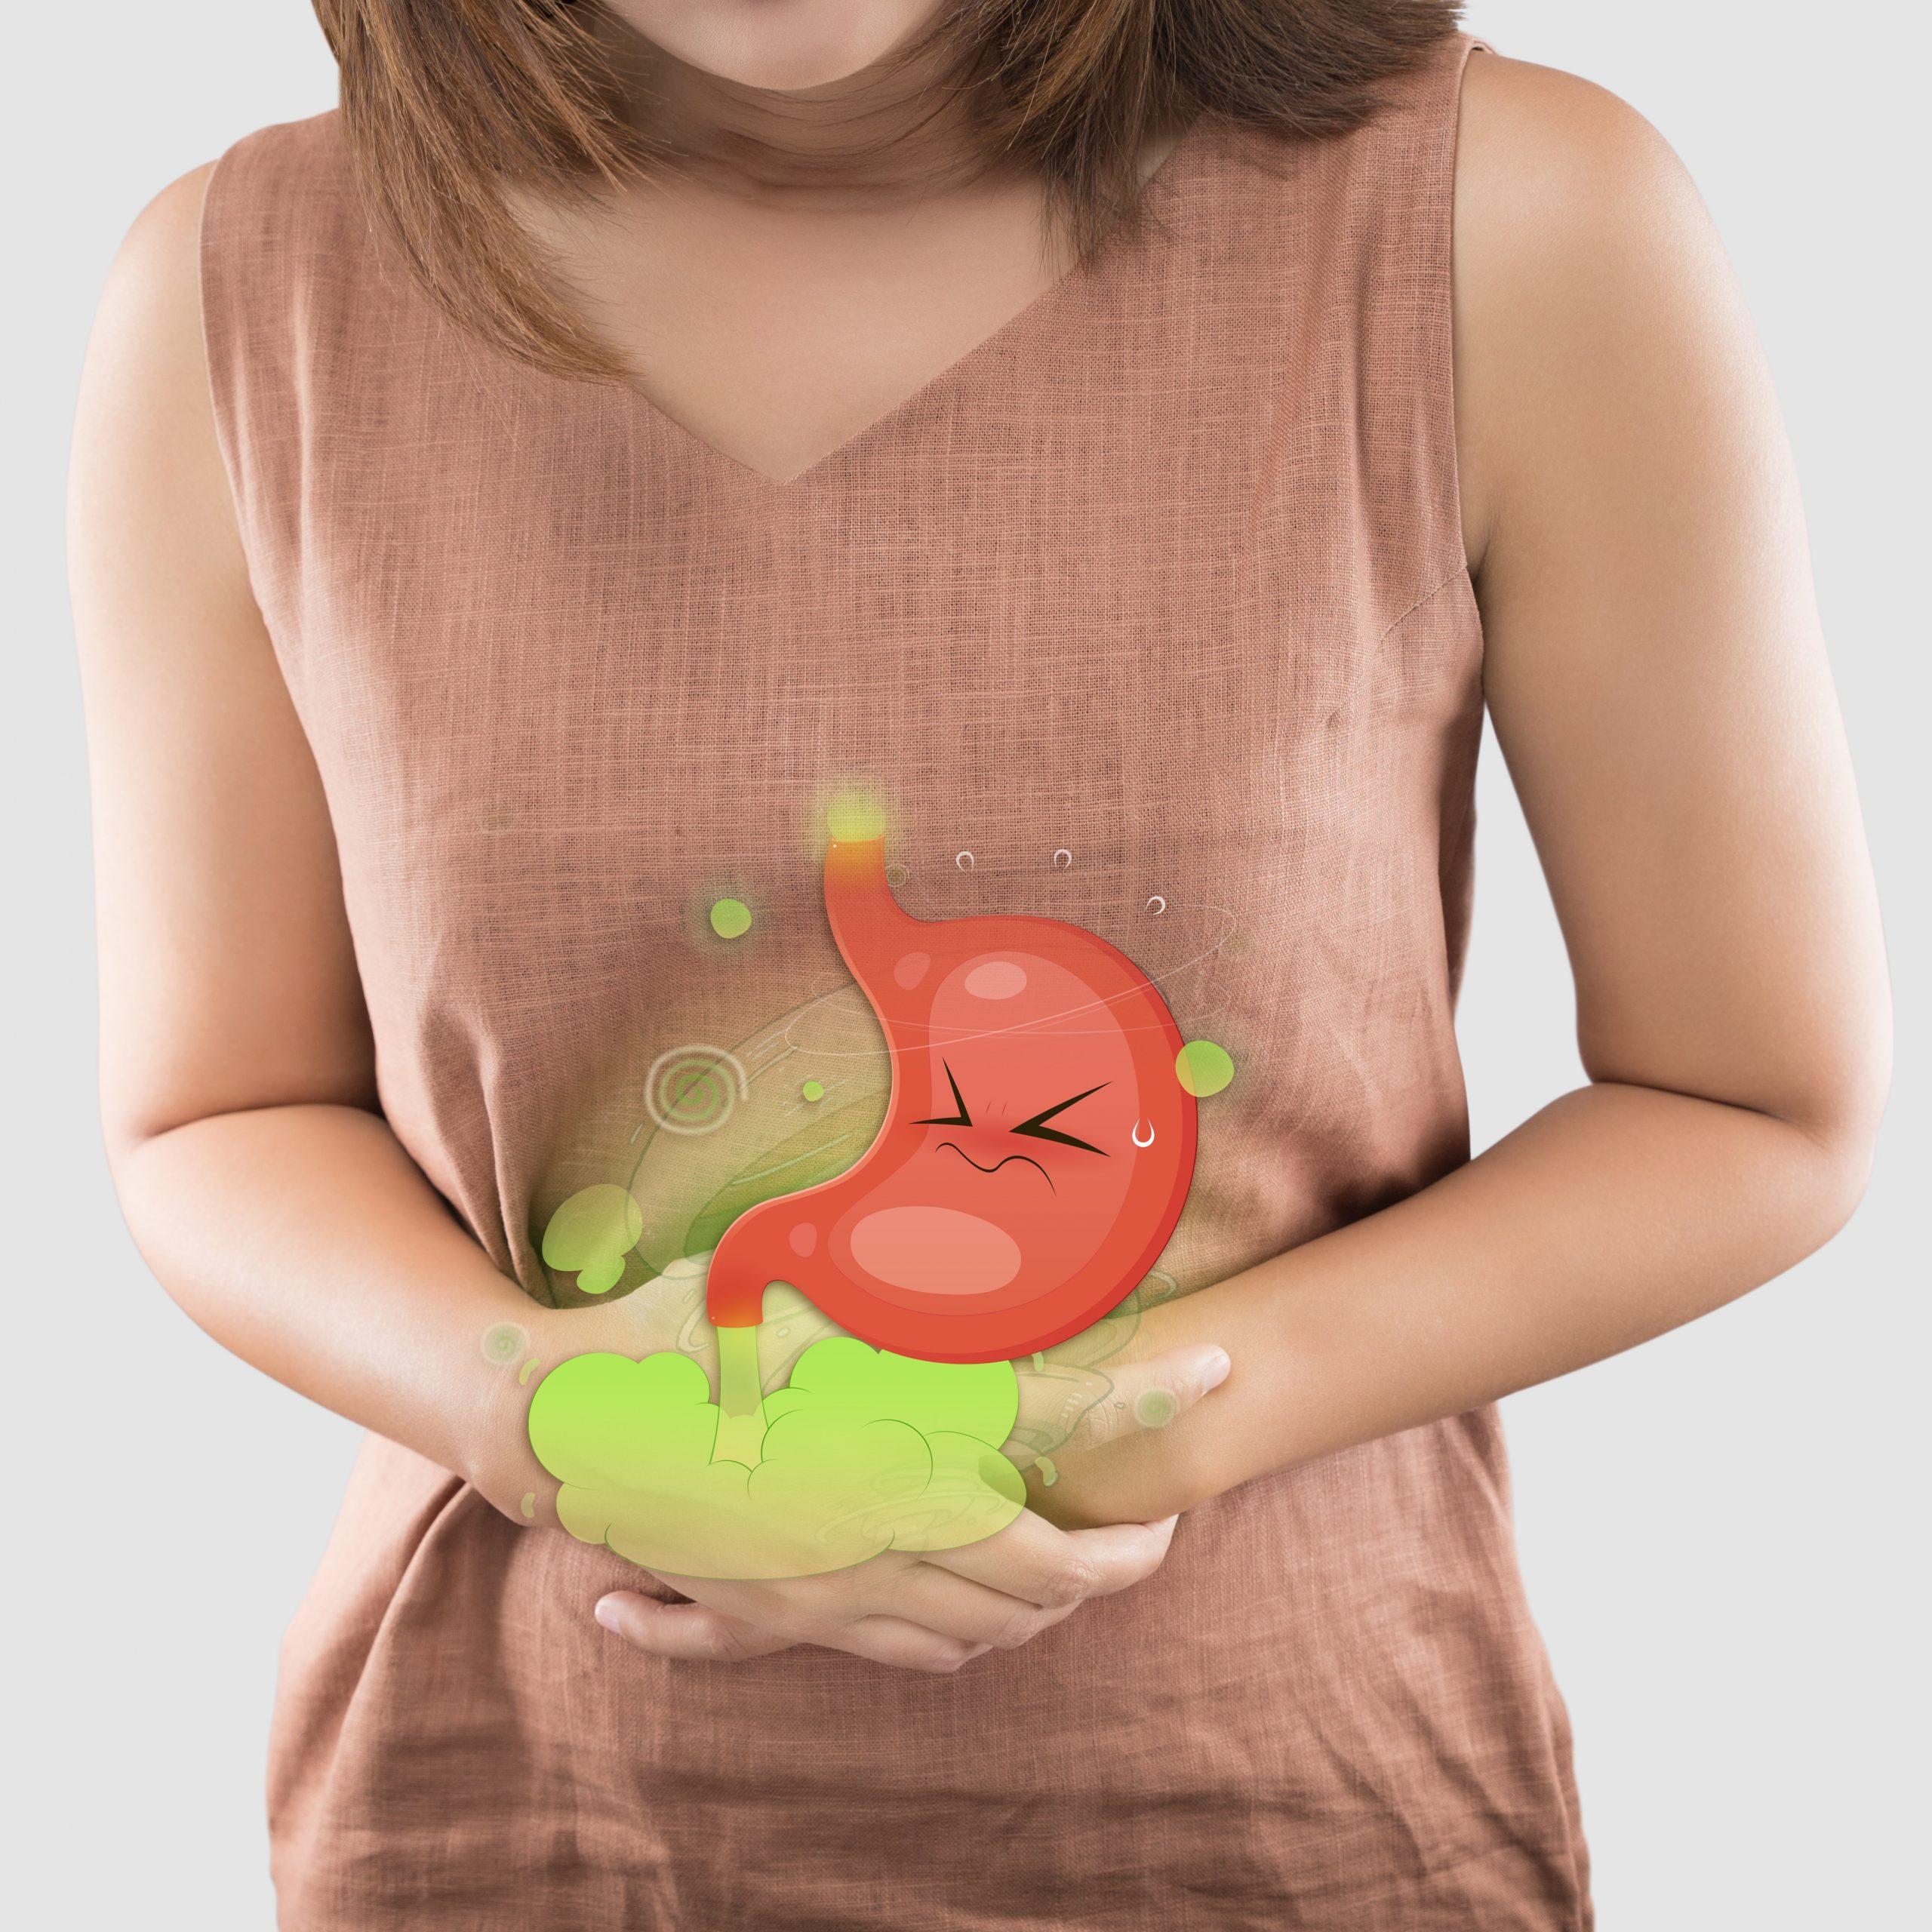 Magen-Darm-Erkrankungen führen nicht nur zu Unwohlsein, sondern auch zu einem Mangel an Nährstoffen